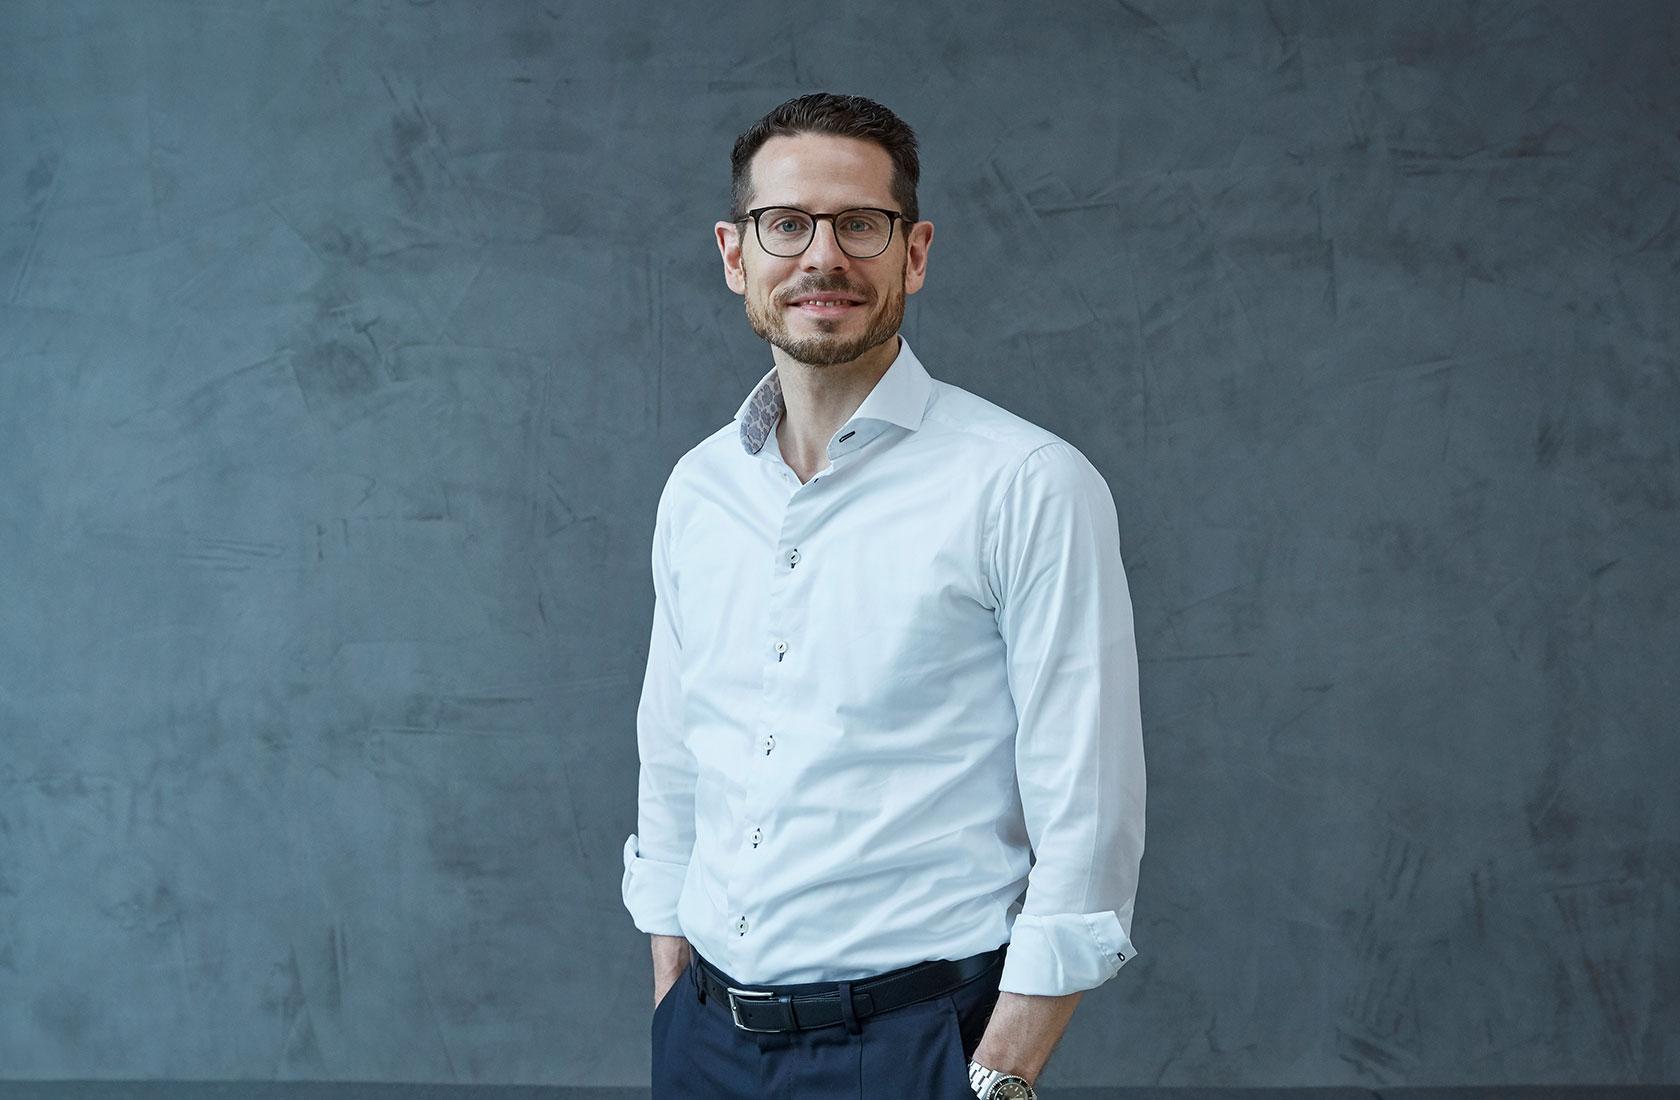 Mick Schou Rasmussen